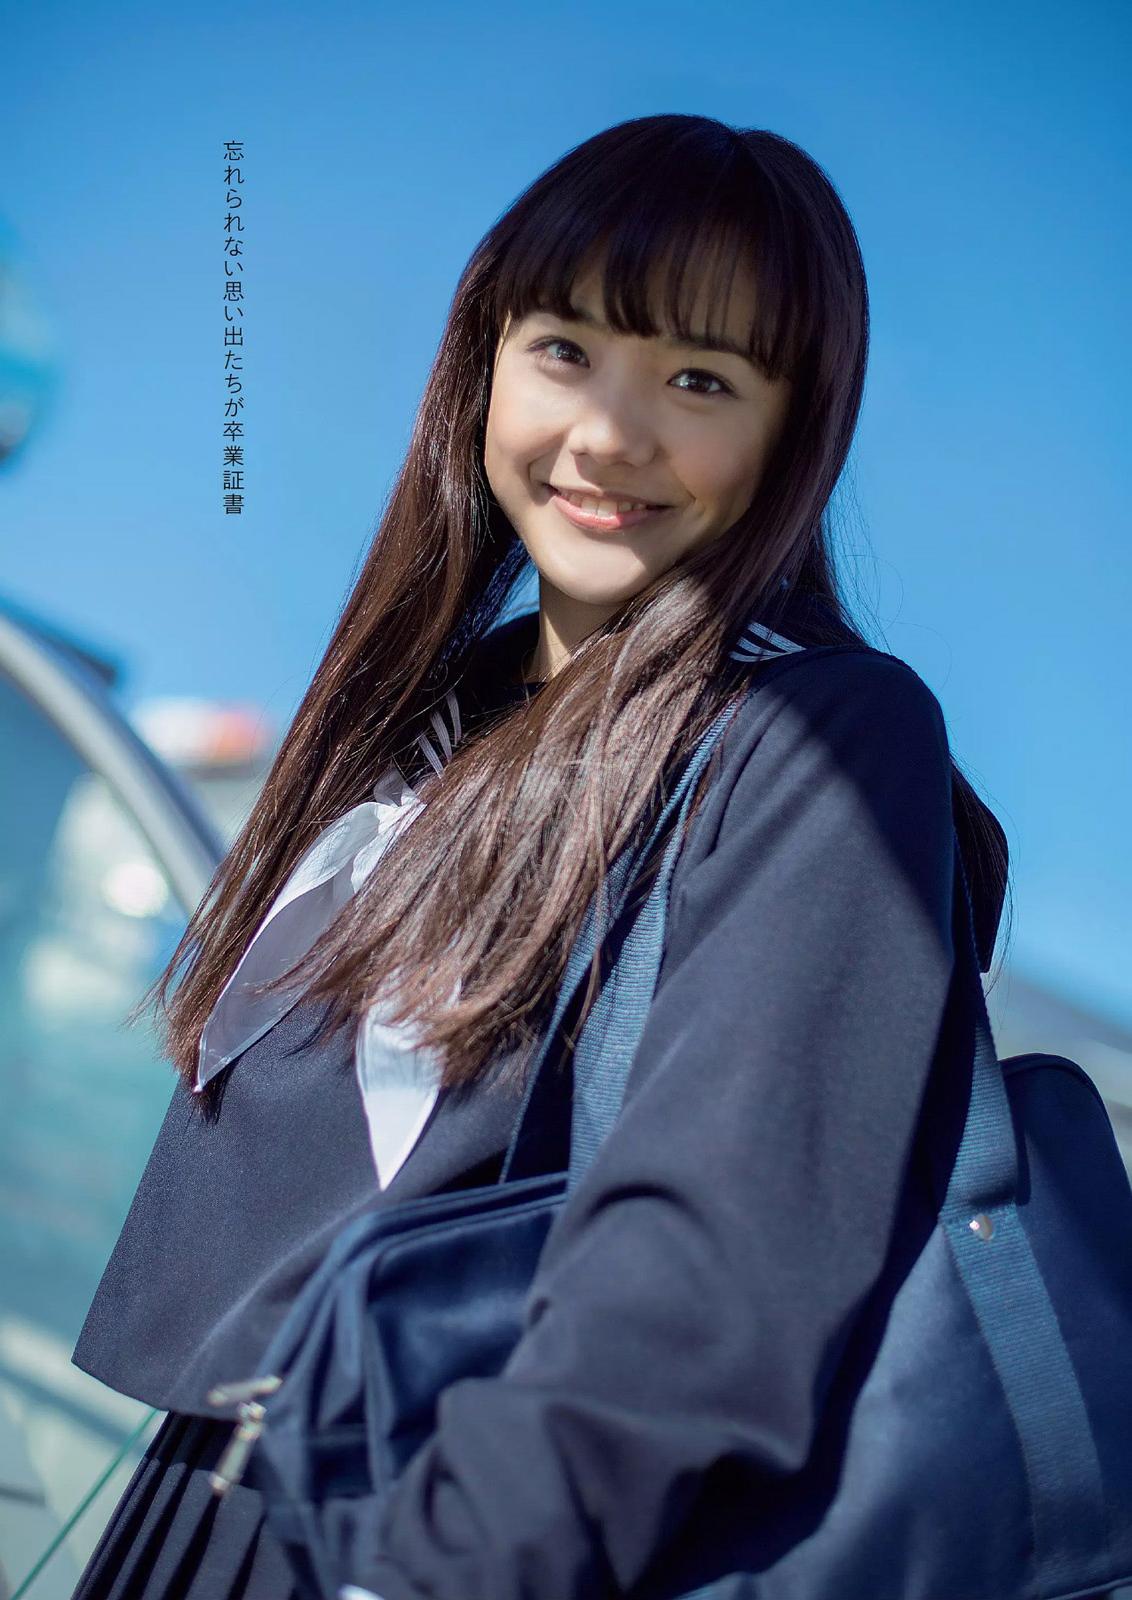 松井愛莉9